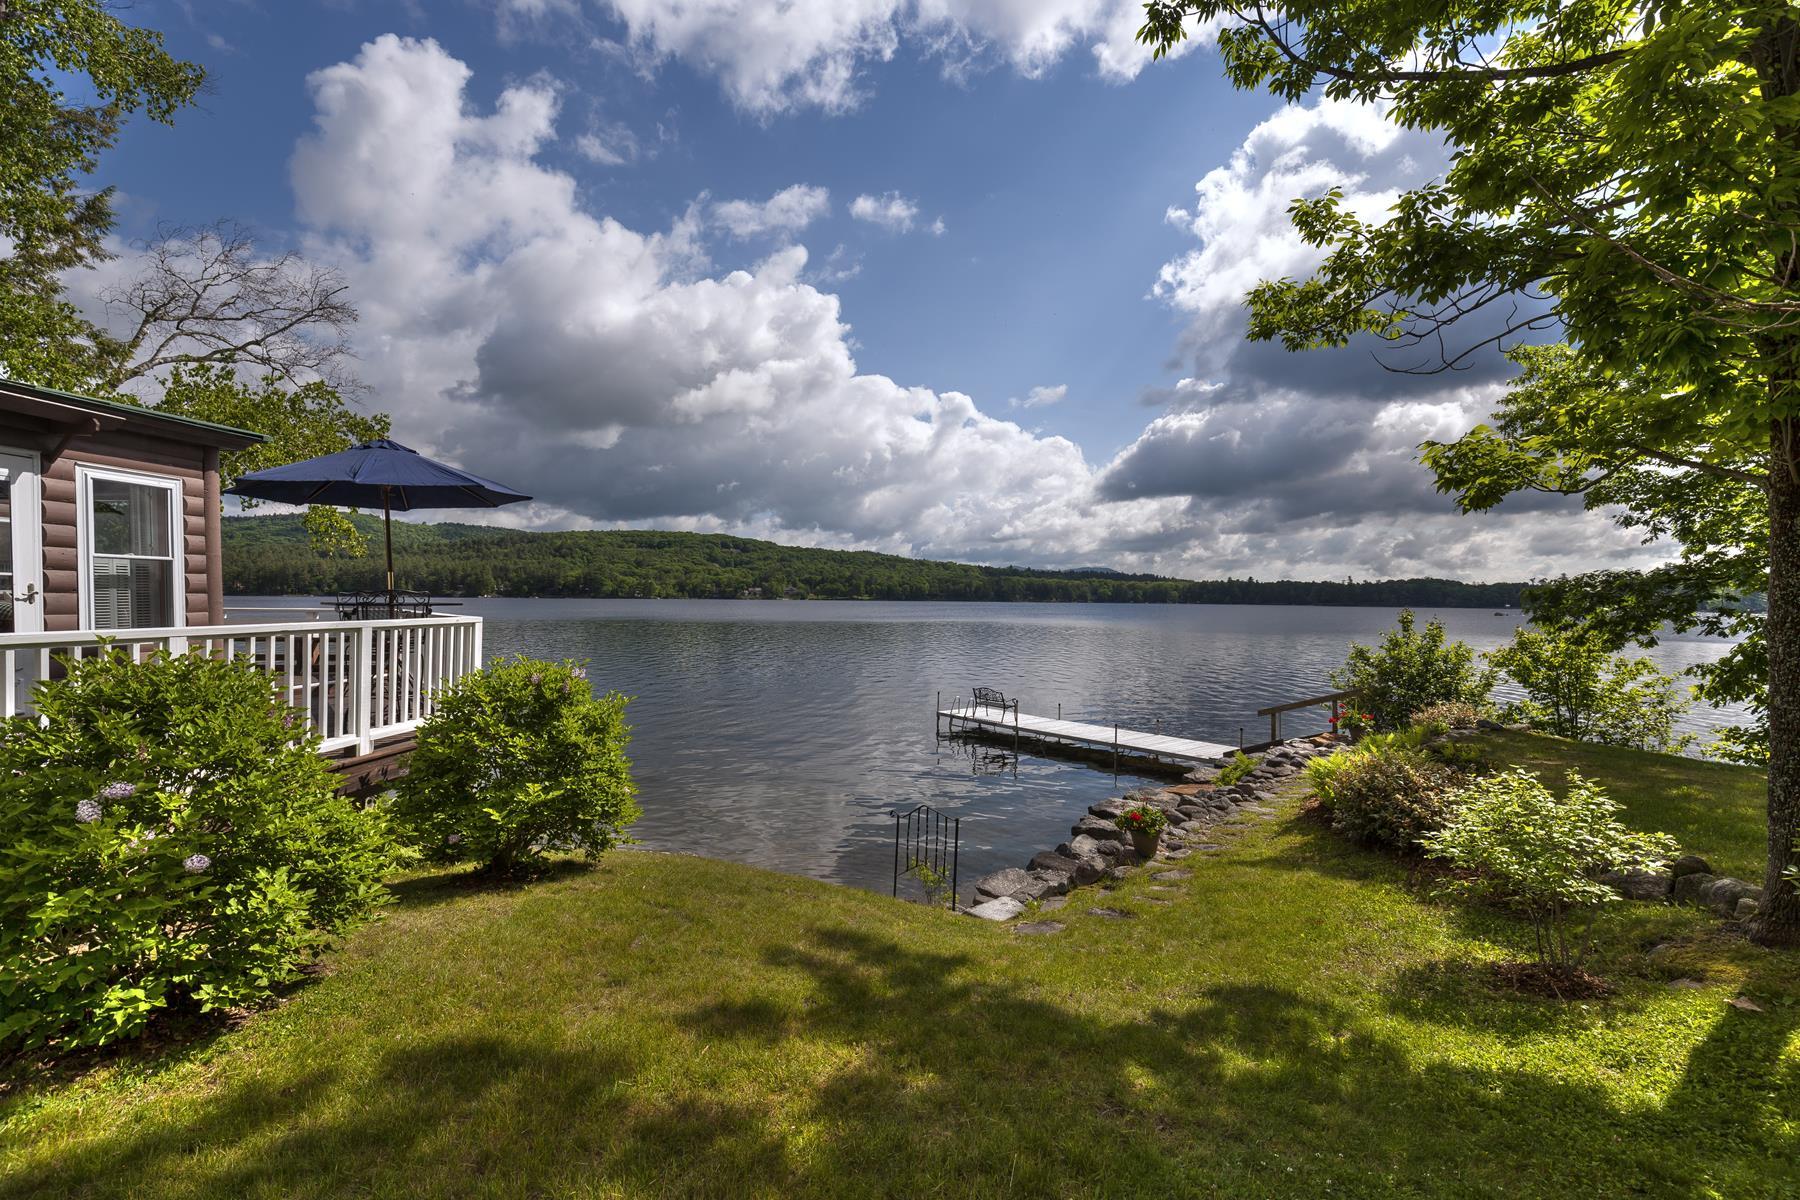 Villa per Vendita alle ore 680 Bunker Road, New London 680 Bunker Rd New London, New Hampshire, 03257 Stati Uniti